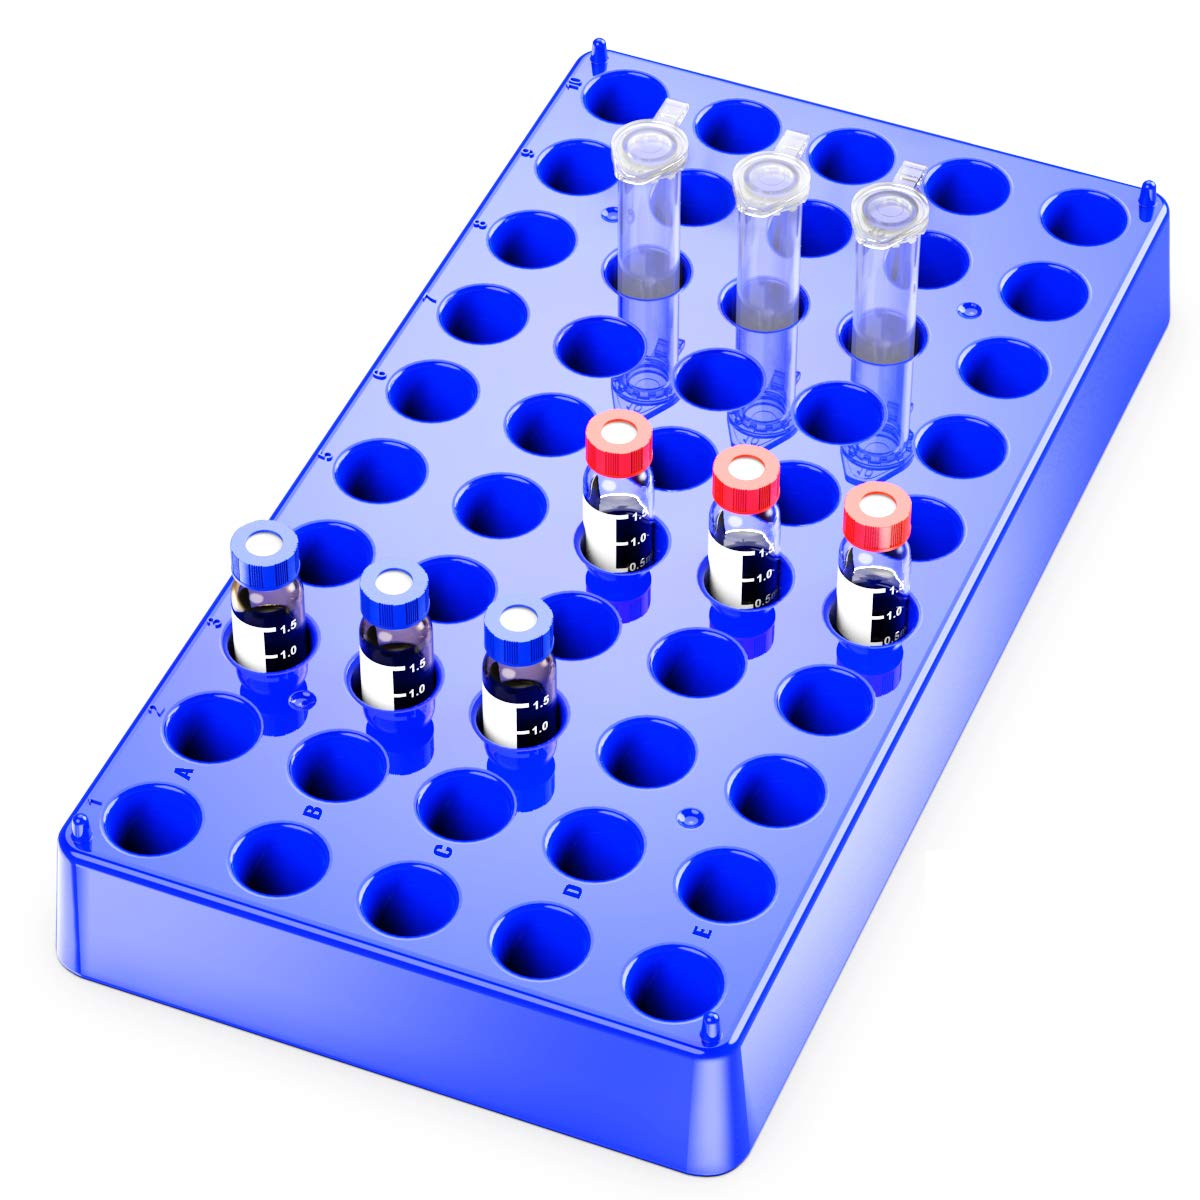 2Pcs Vial Rack,Blue Polypropylene Vial Holder 2mL with 50 Holds Diameter 12mm,Stackable Vial Racks,Centrifuge Tube Rack,Bottle Racks by Biomed Scientific PP